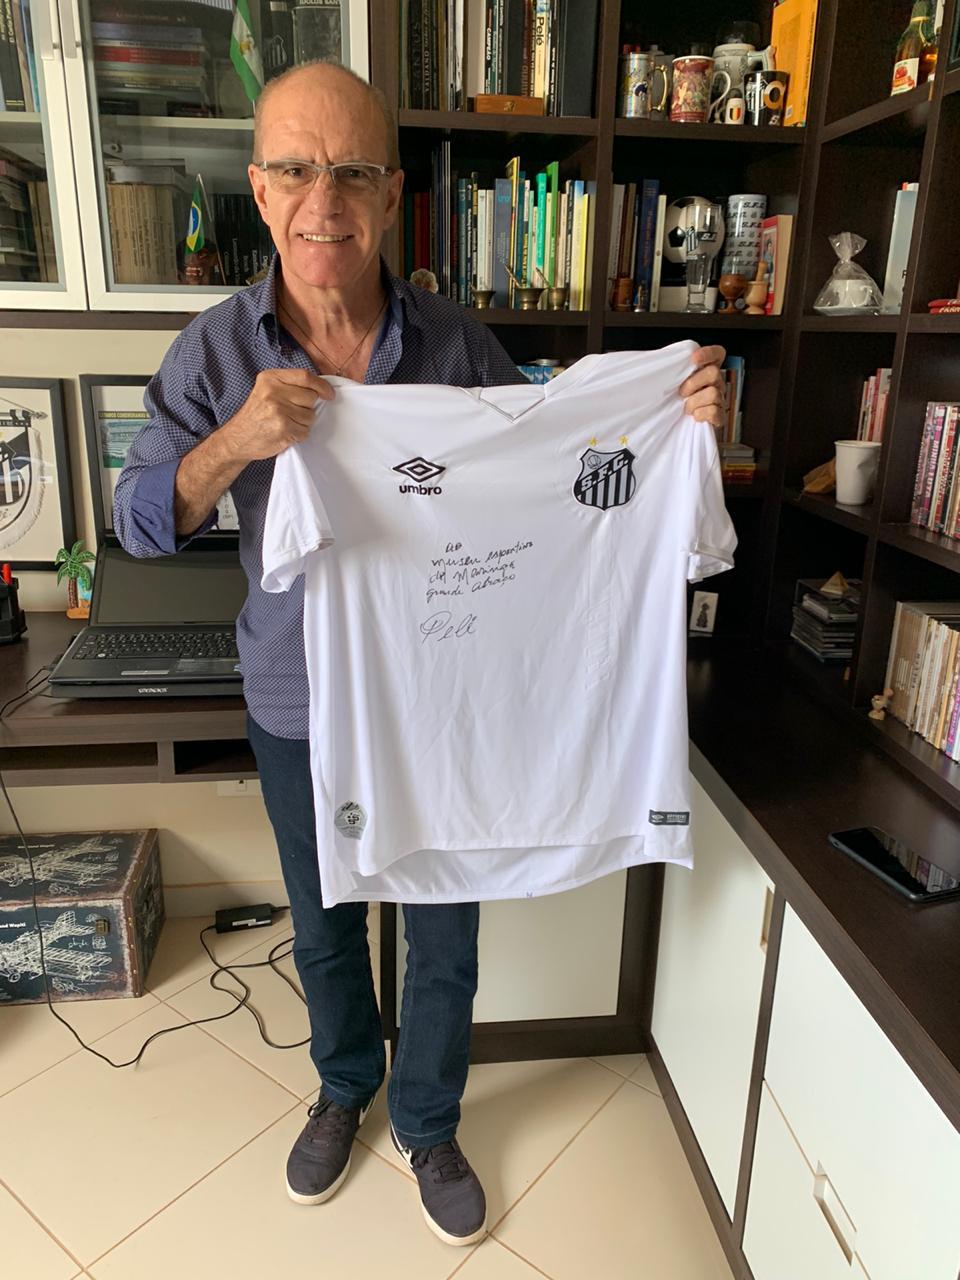 Camisa autografada por Pelé e com dedicatória ao MEM